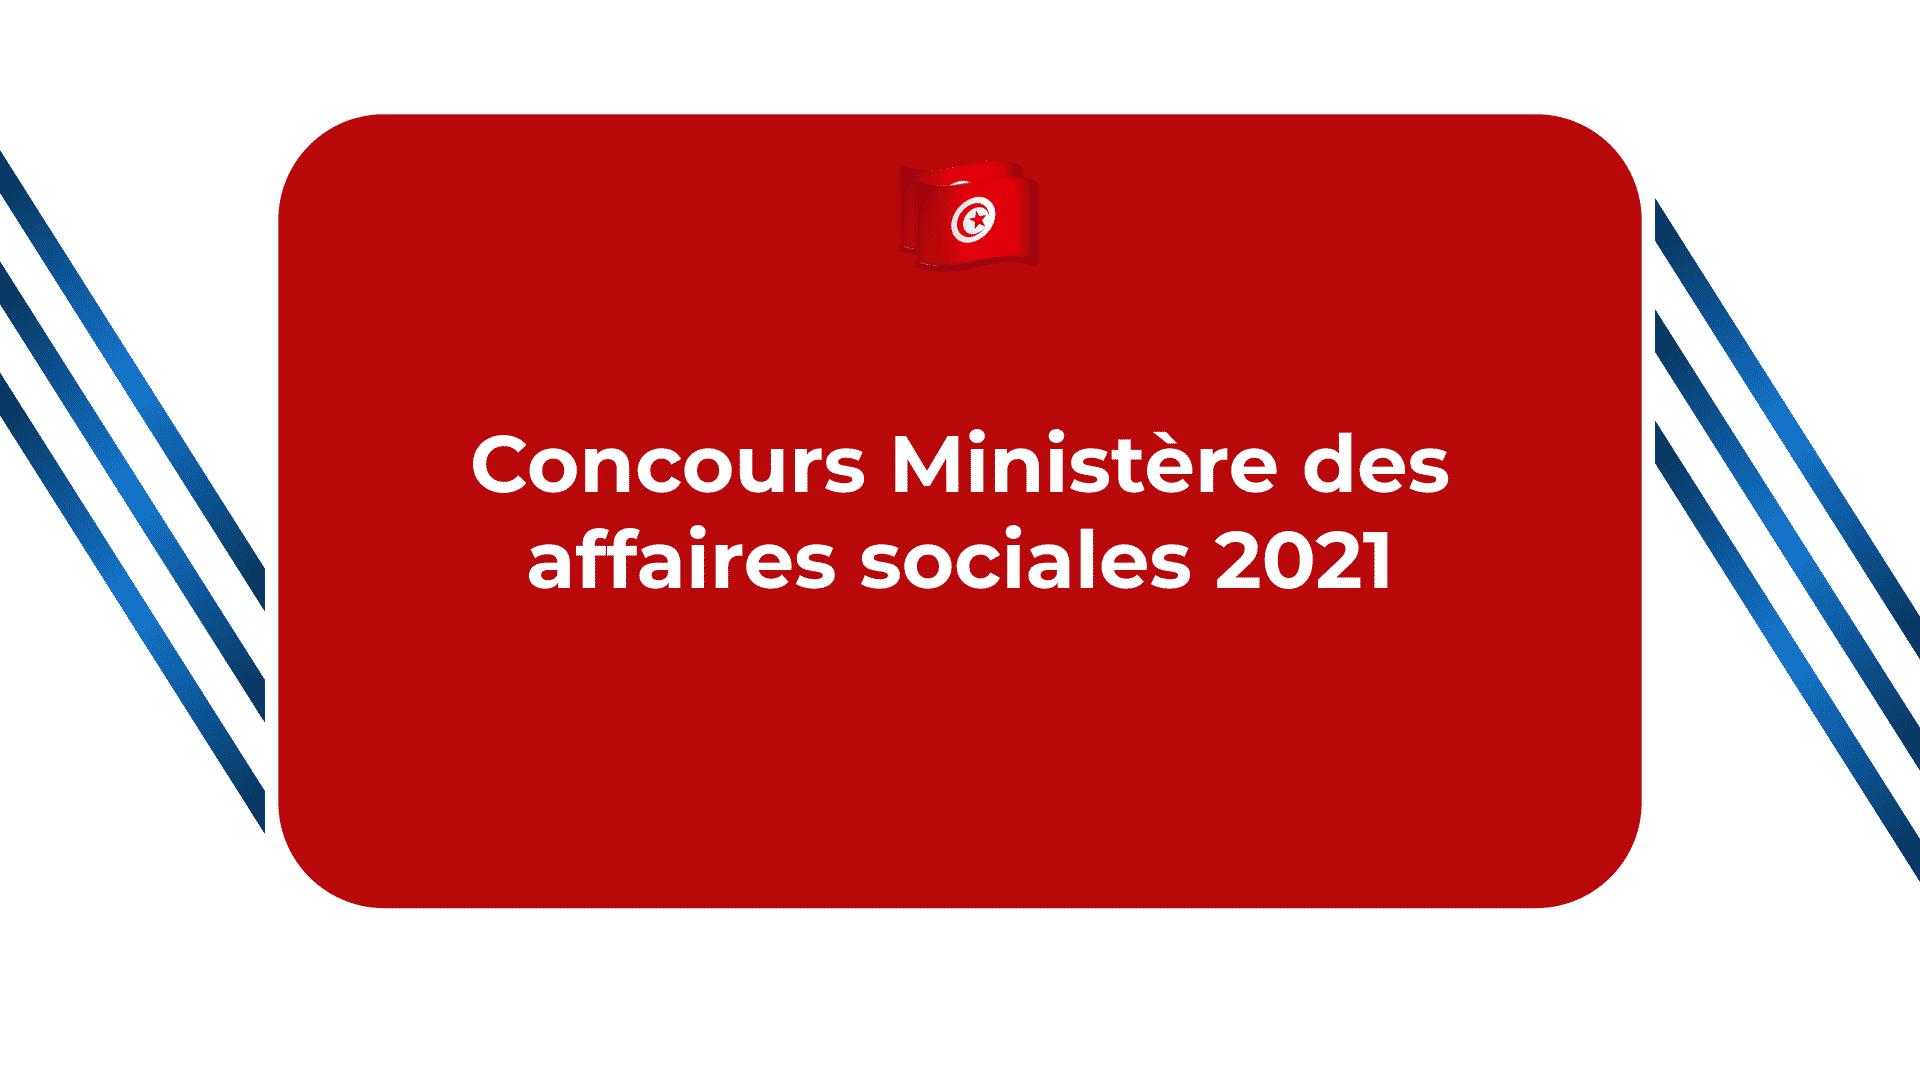 Concours Ministère des affaires sociales